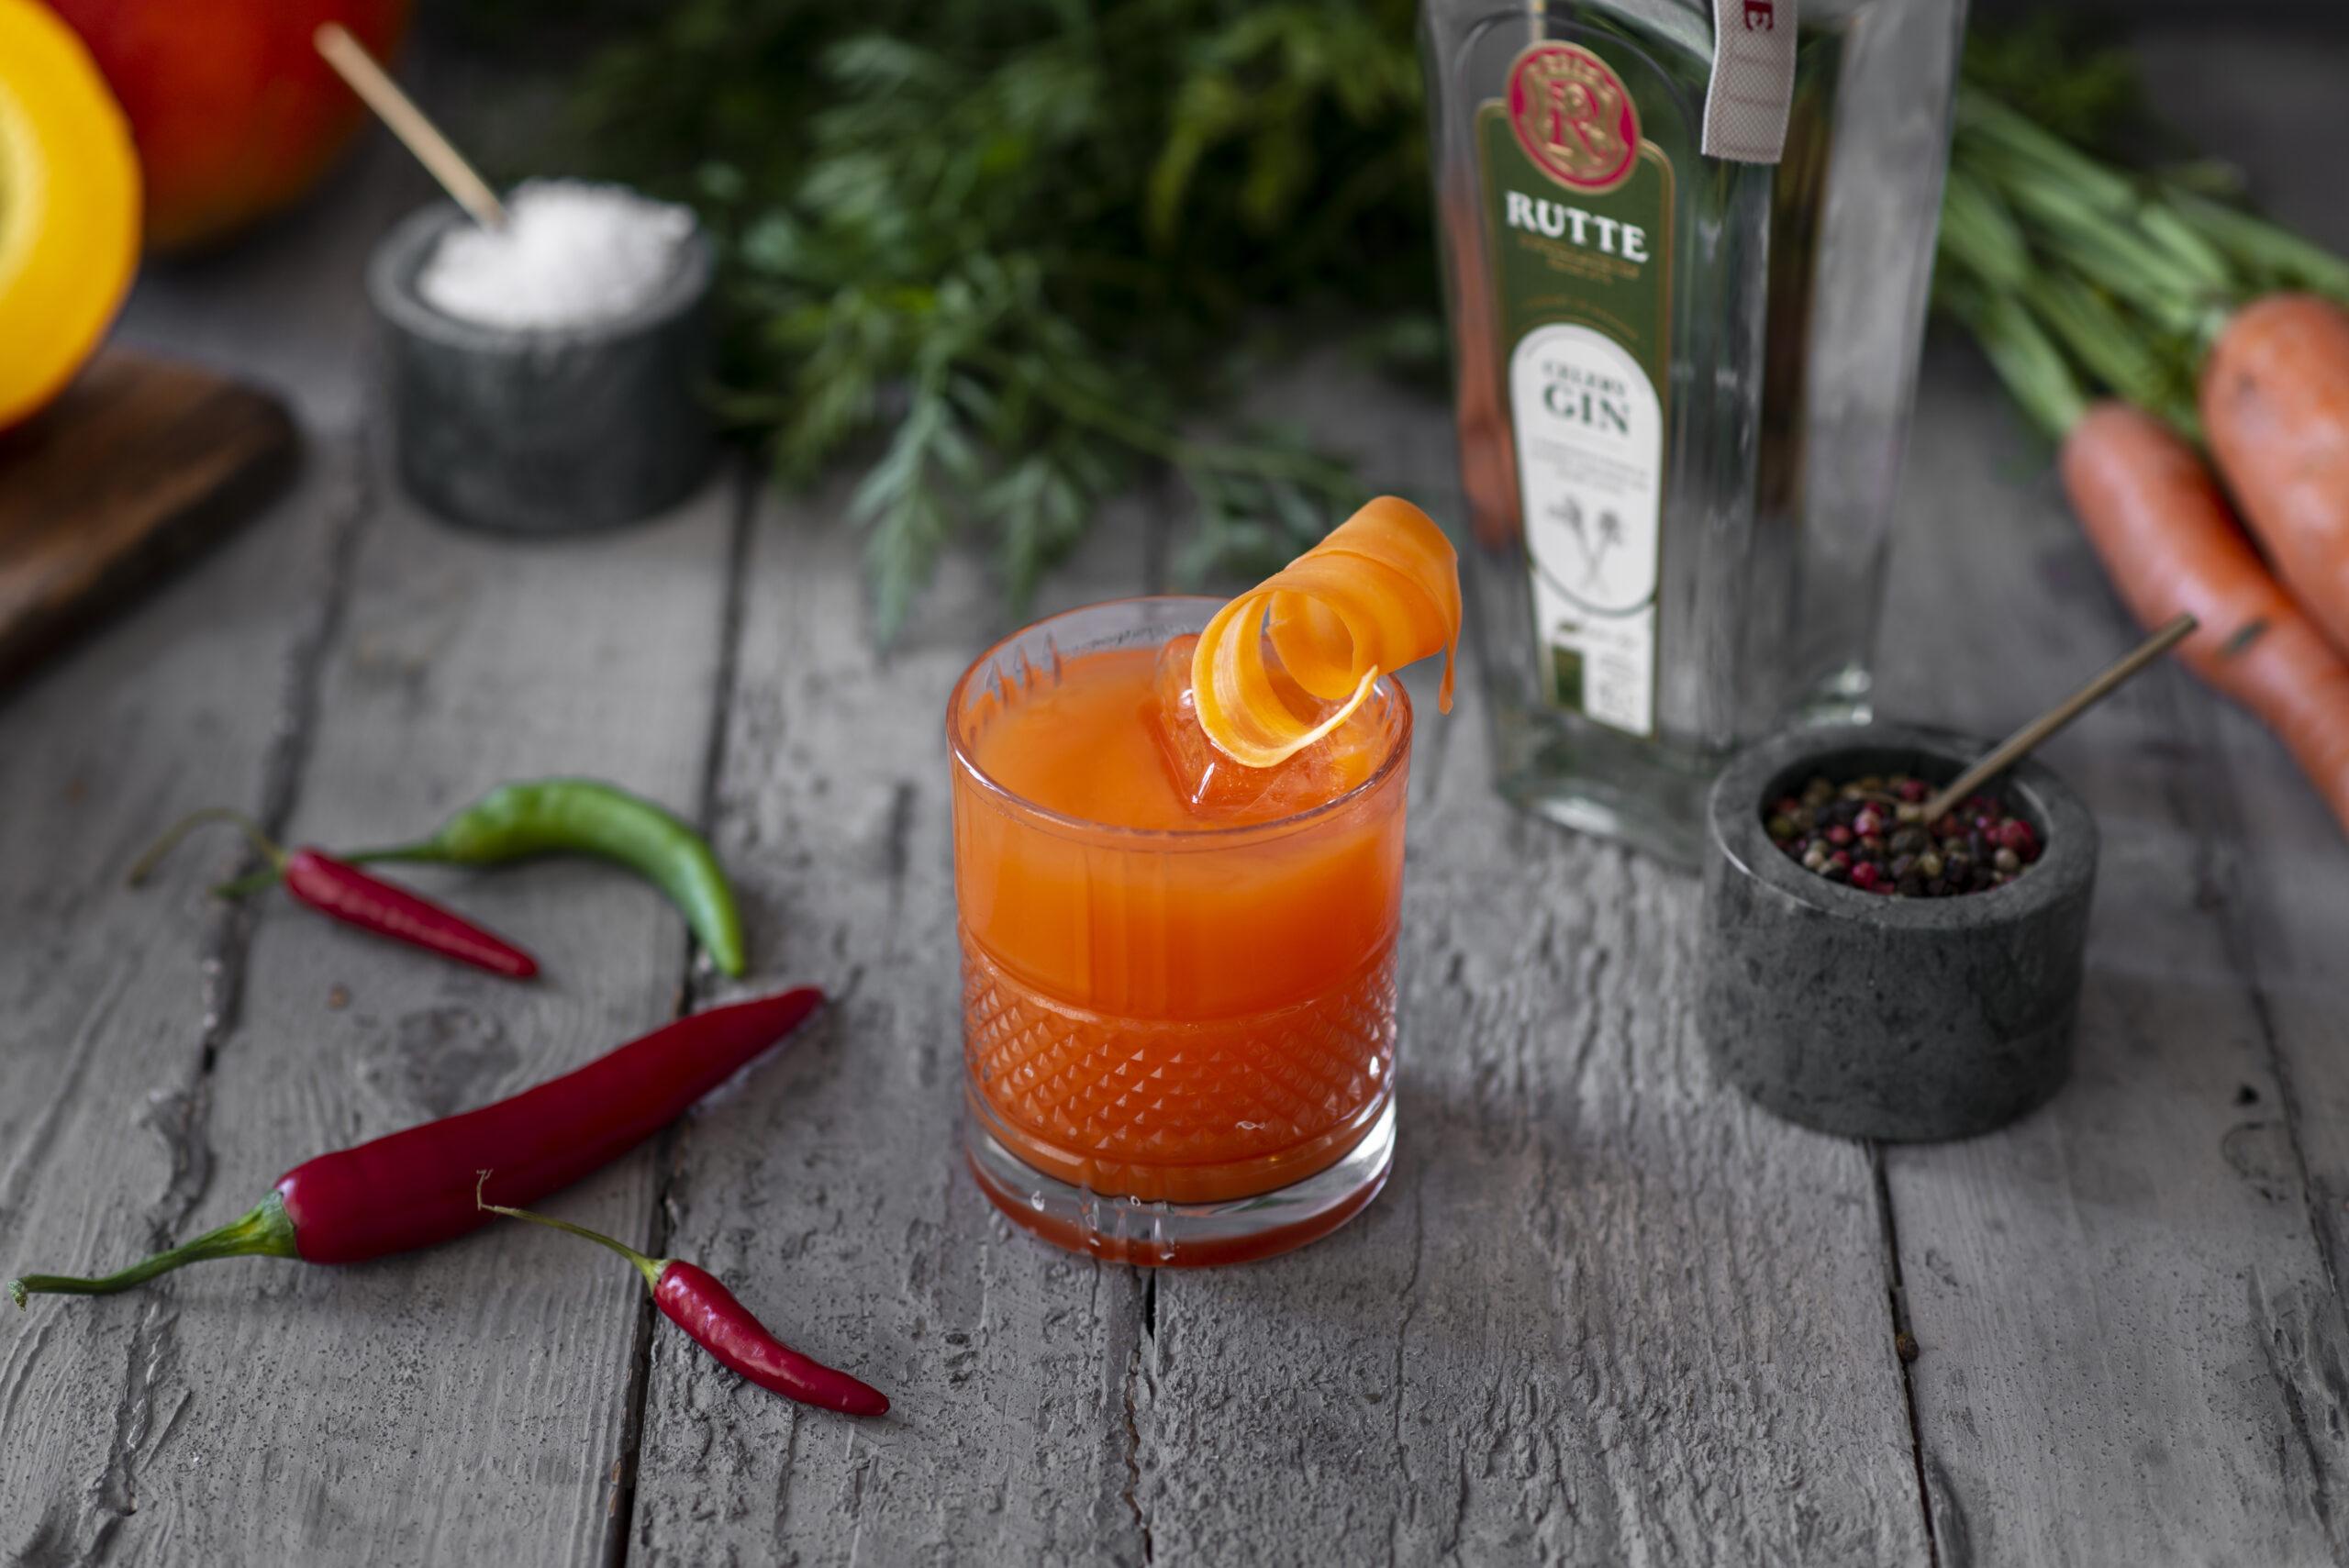 Winterse cocktails met Rutte gin en jenever